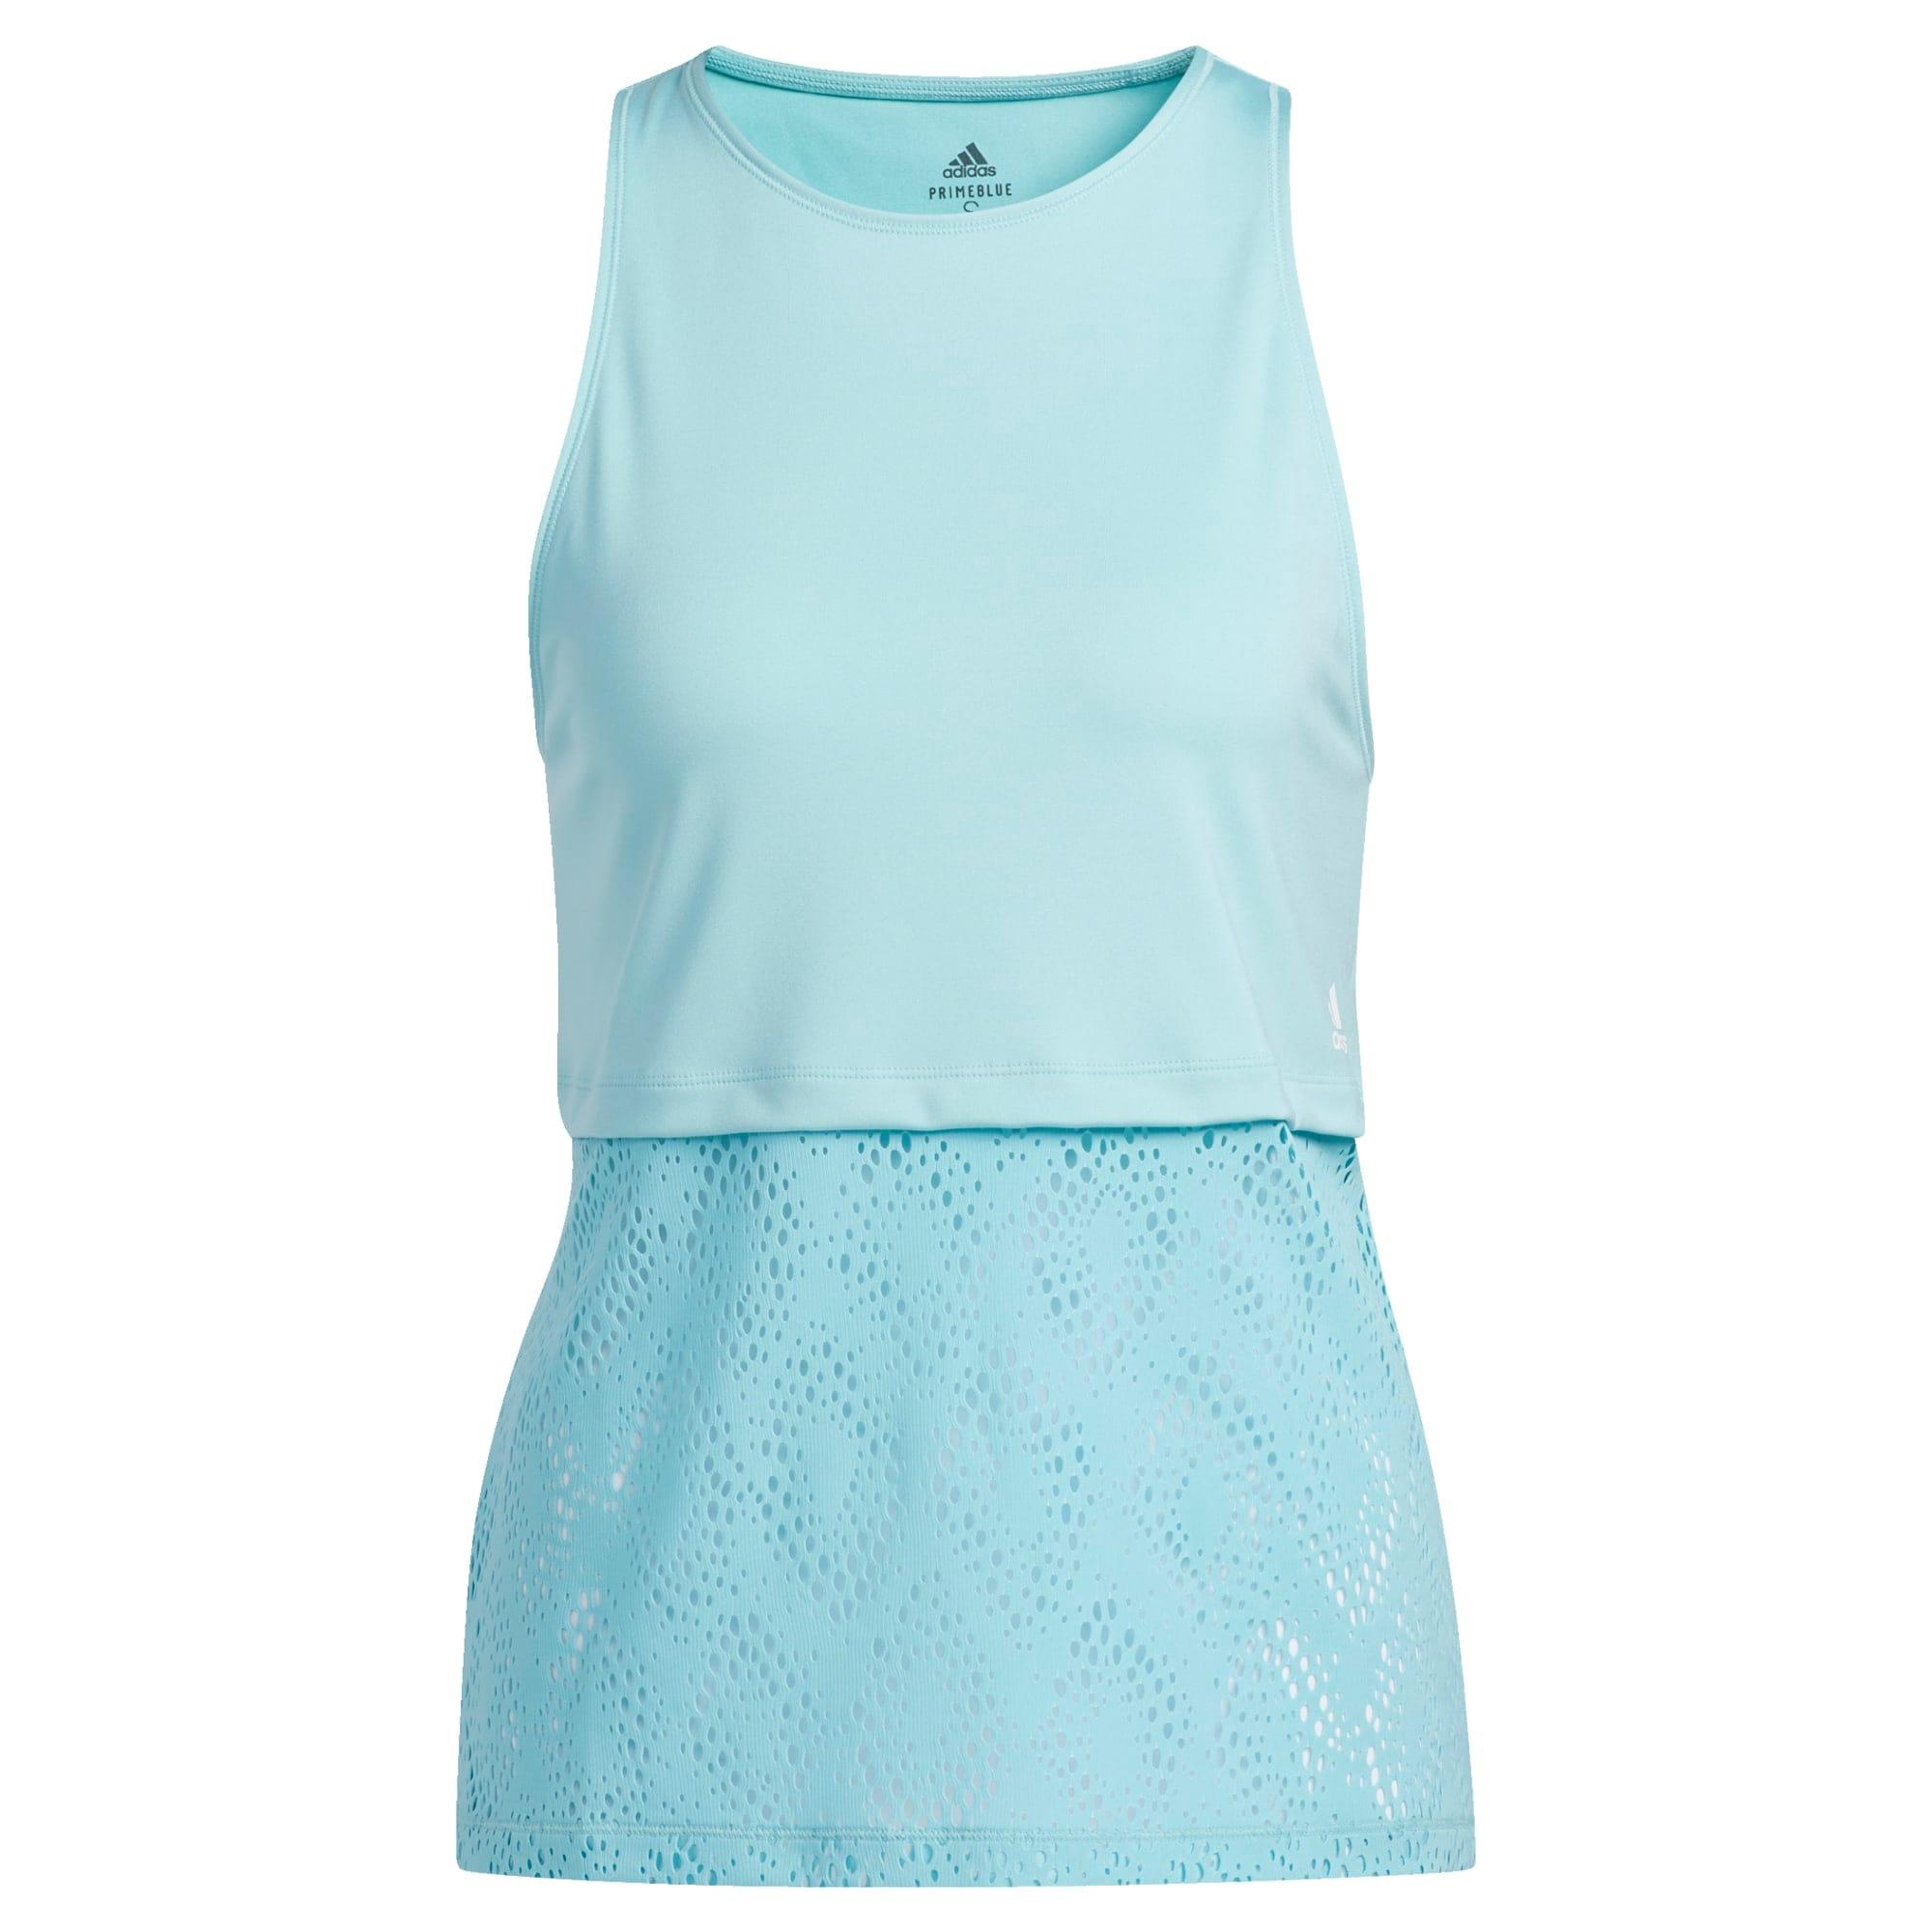 ADIDAS PERFORMANCE Sportiniai marškinėliai be rankovių turkio spalva